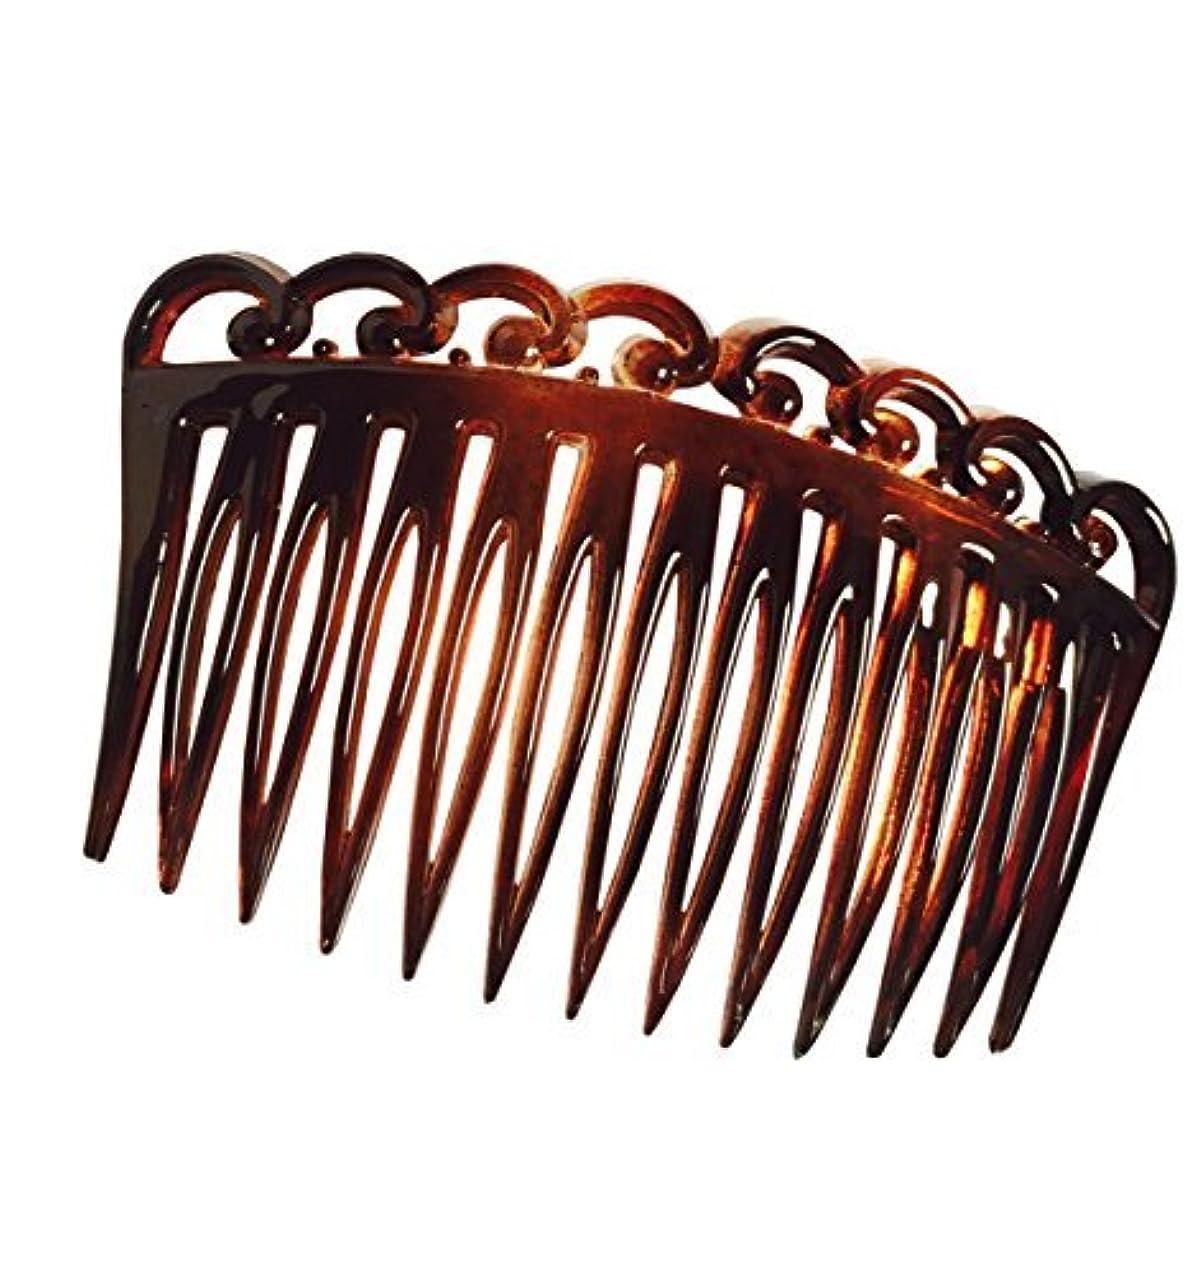 代理人老人医学Parcelona French Swirl Set of 2 Celluloid Acetate Brown Tortoise Shell Side Hair Combs 2 Pcs [並行輸入品]